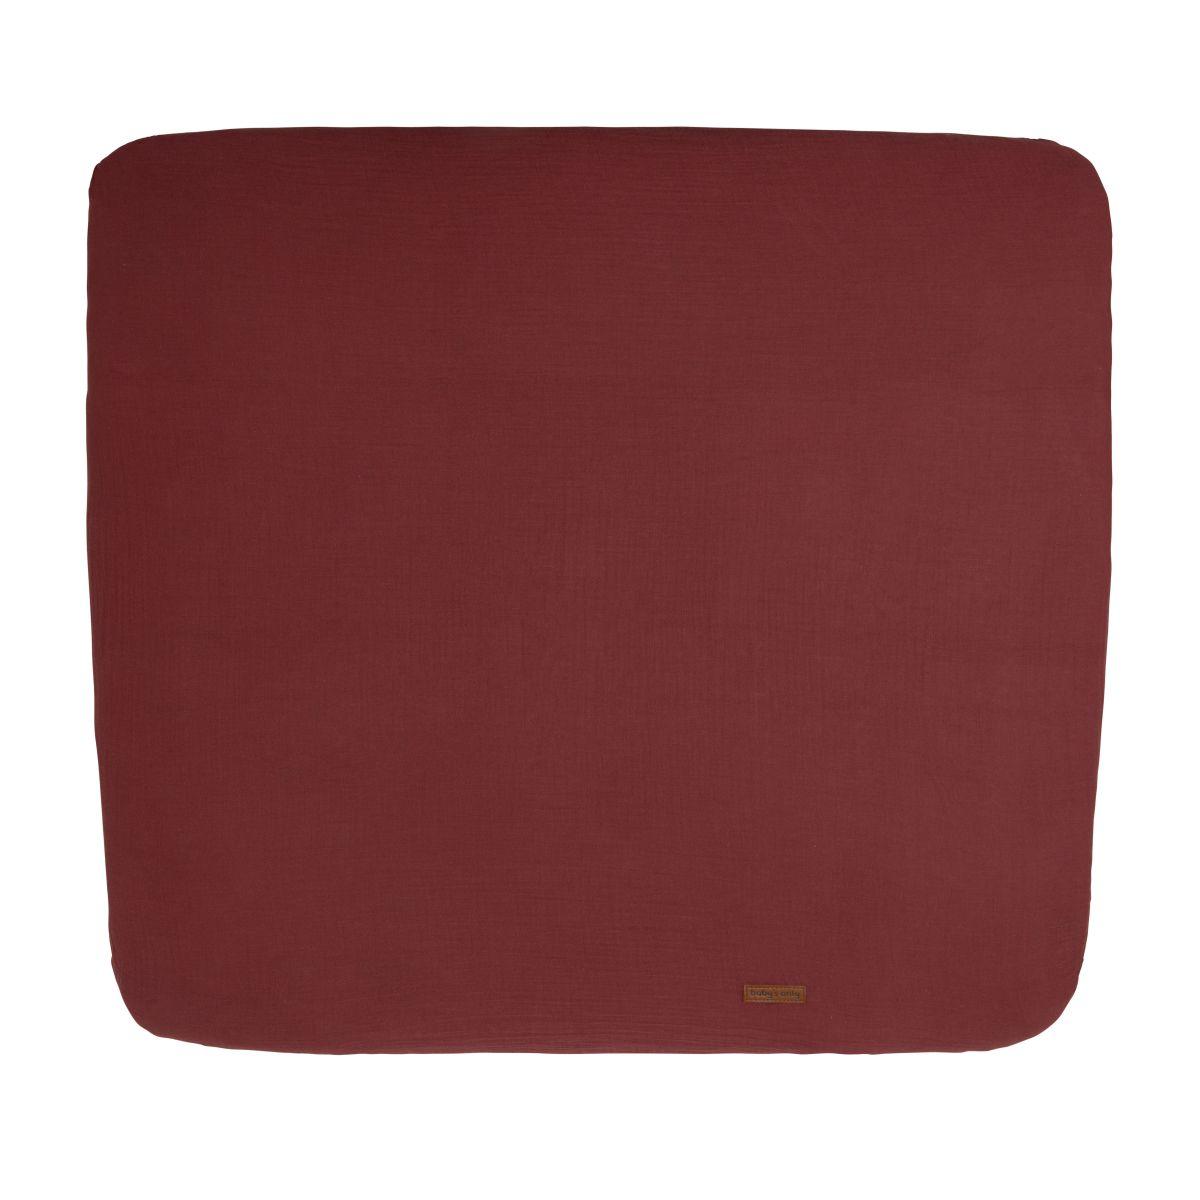 aankleedkussenhoes breeze stone red 75x85